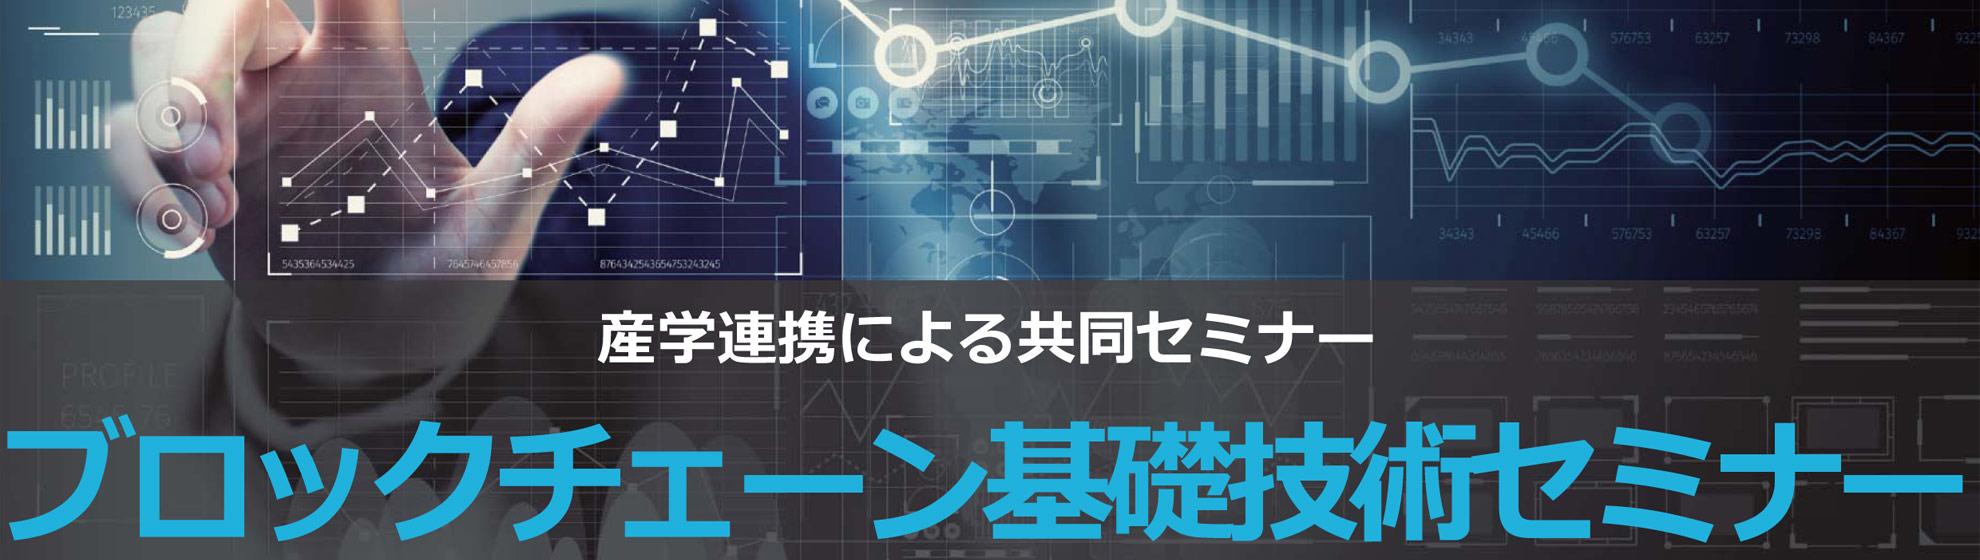 ブロックチェーン基礎技術セミナー